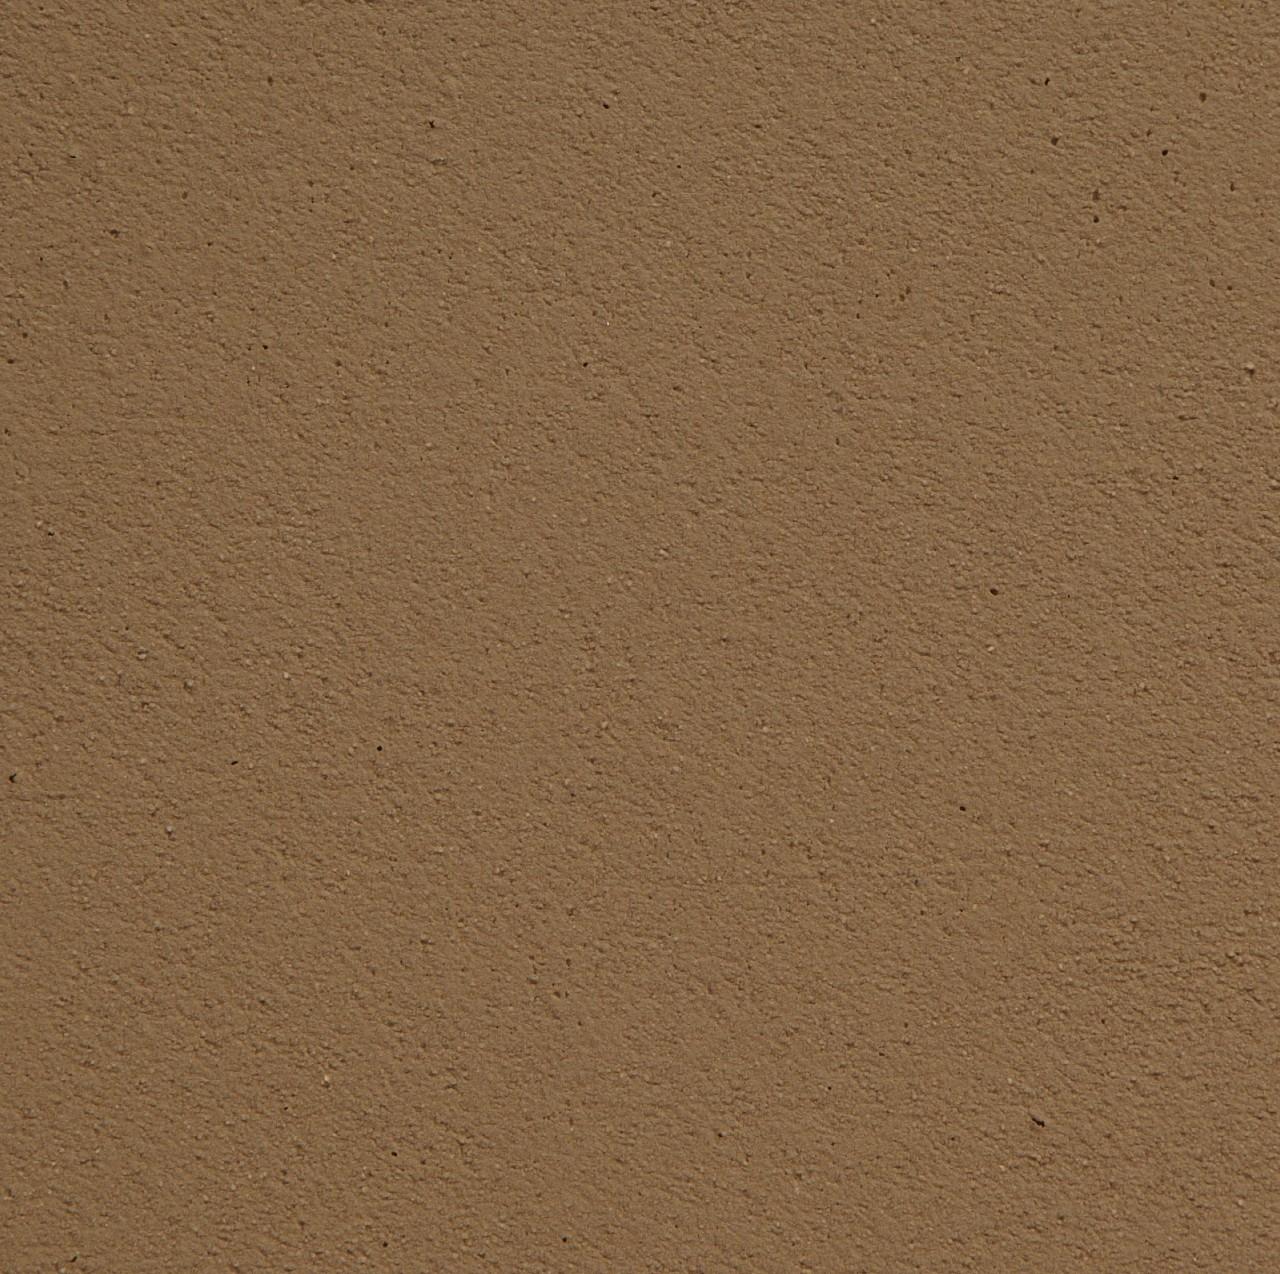 LMO.0508 - bruin